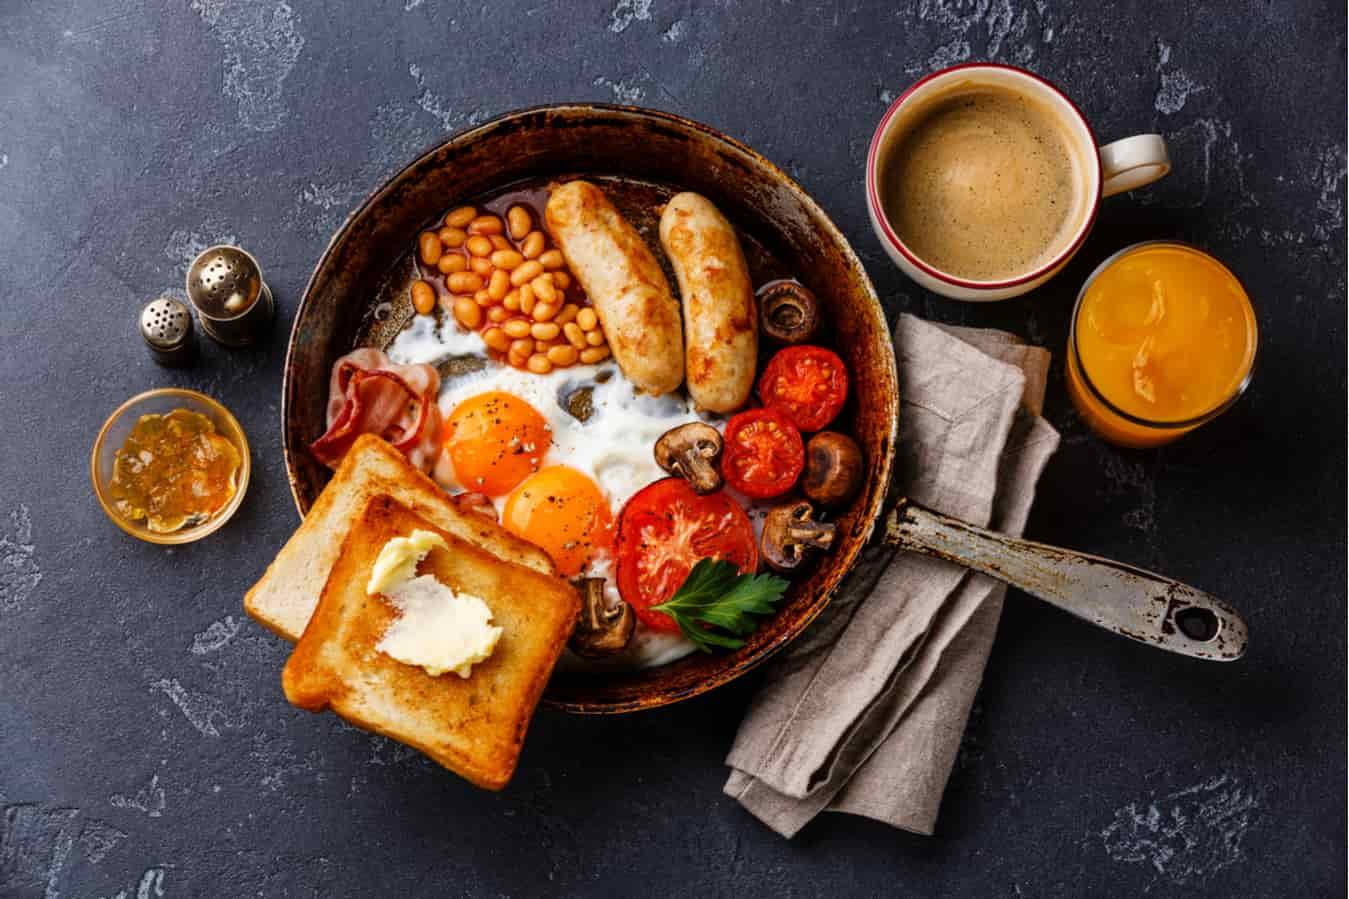 12 پیشنهاد خوب برای صبحانه شما، از كم كالری تا پر كالری